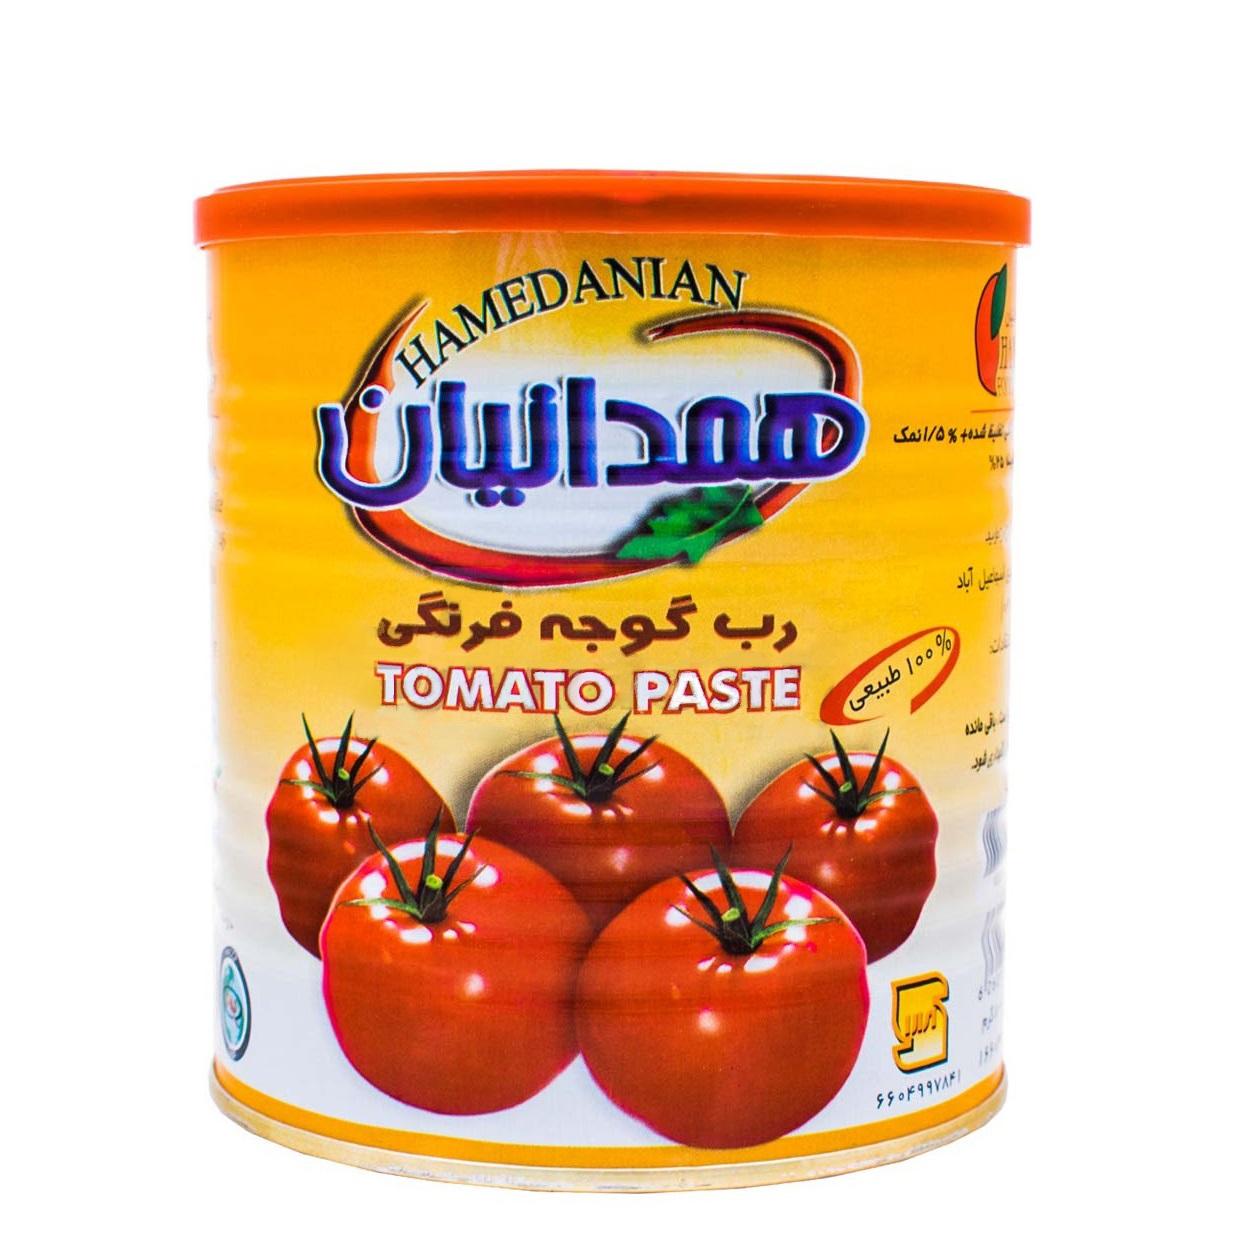 کنسرو رب گوجه فرنگی همدانیان مقدار 4500 گرم